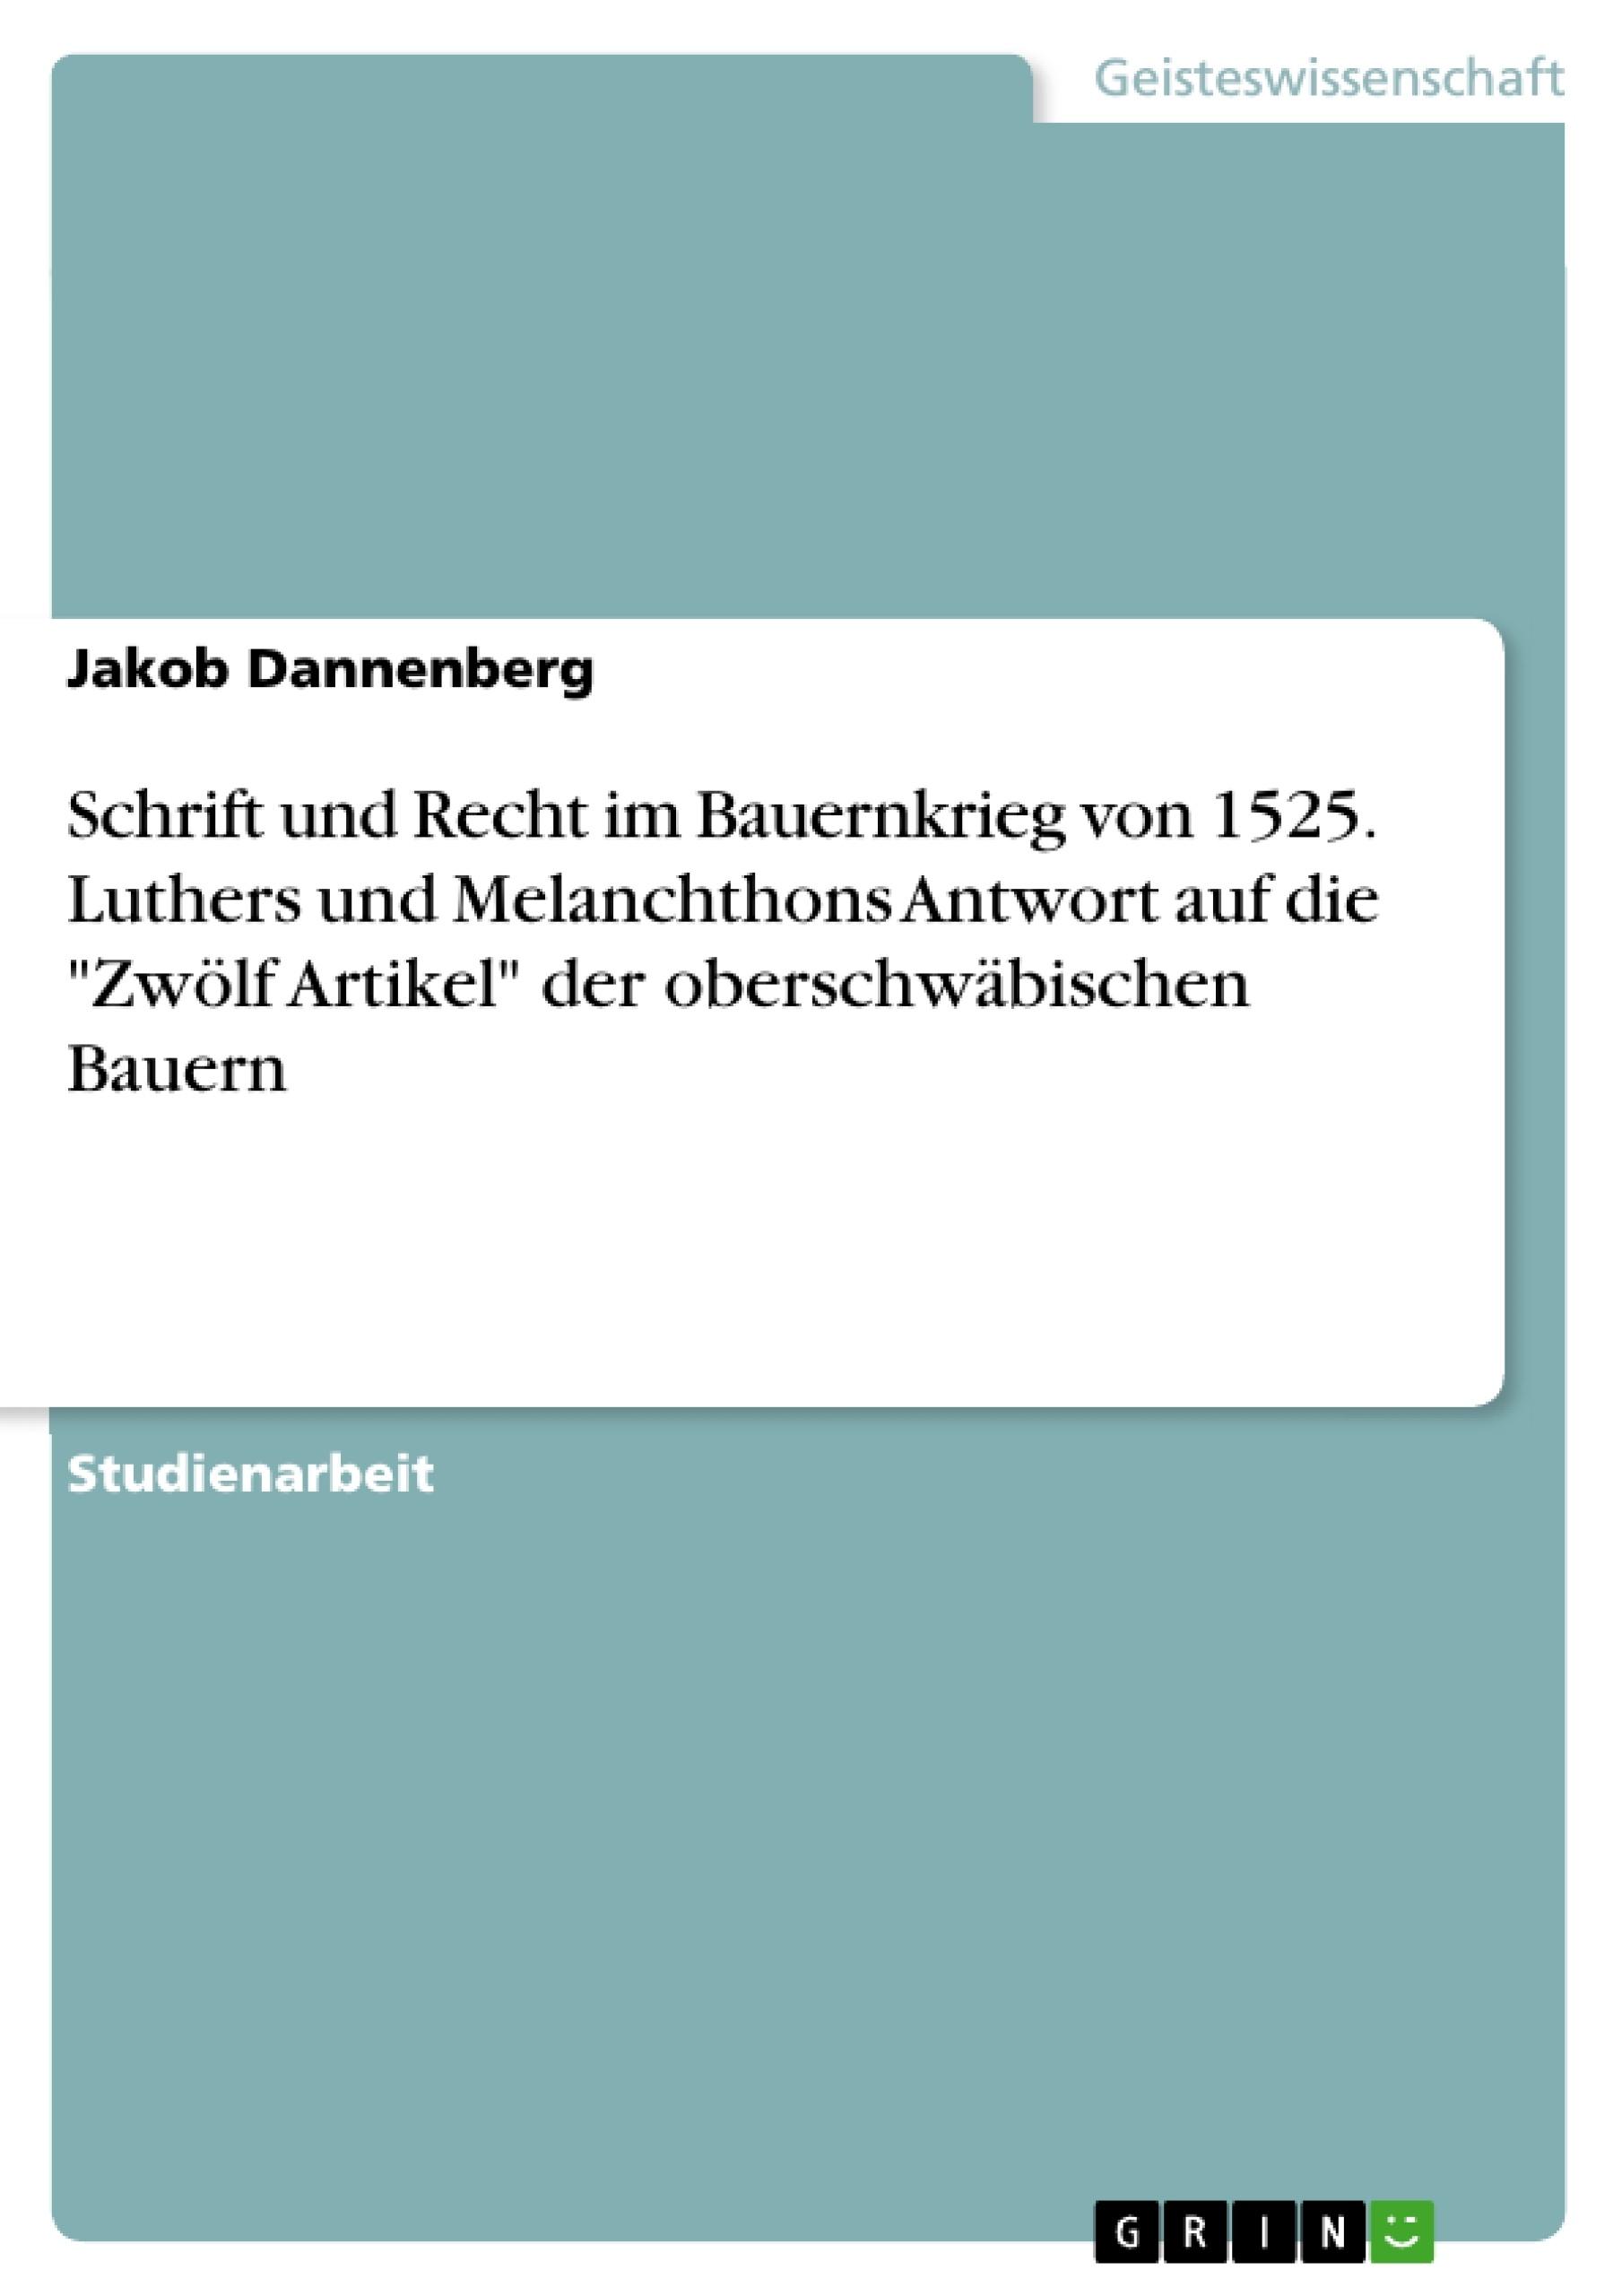 """Titel: Schrift und Recht im Bauernkrieg von 1525. Luthers und Melanchthons Antwort auf die """"Zwölf Artikel"""" der oberschwäbischen Bauern"""